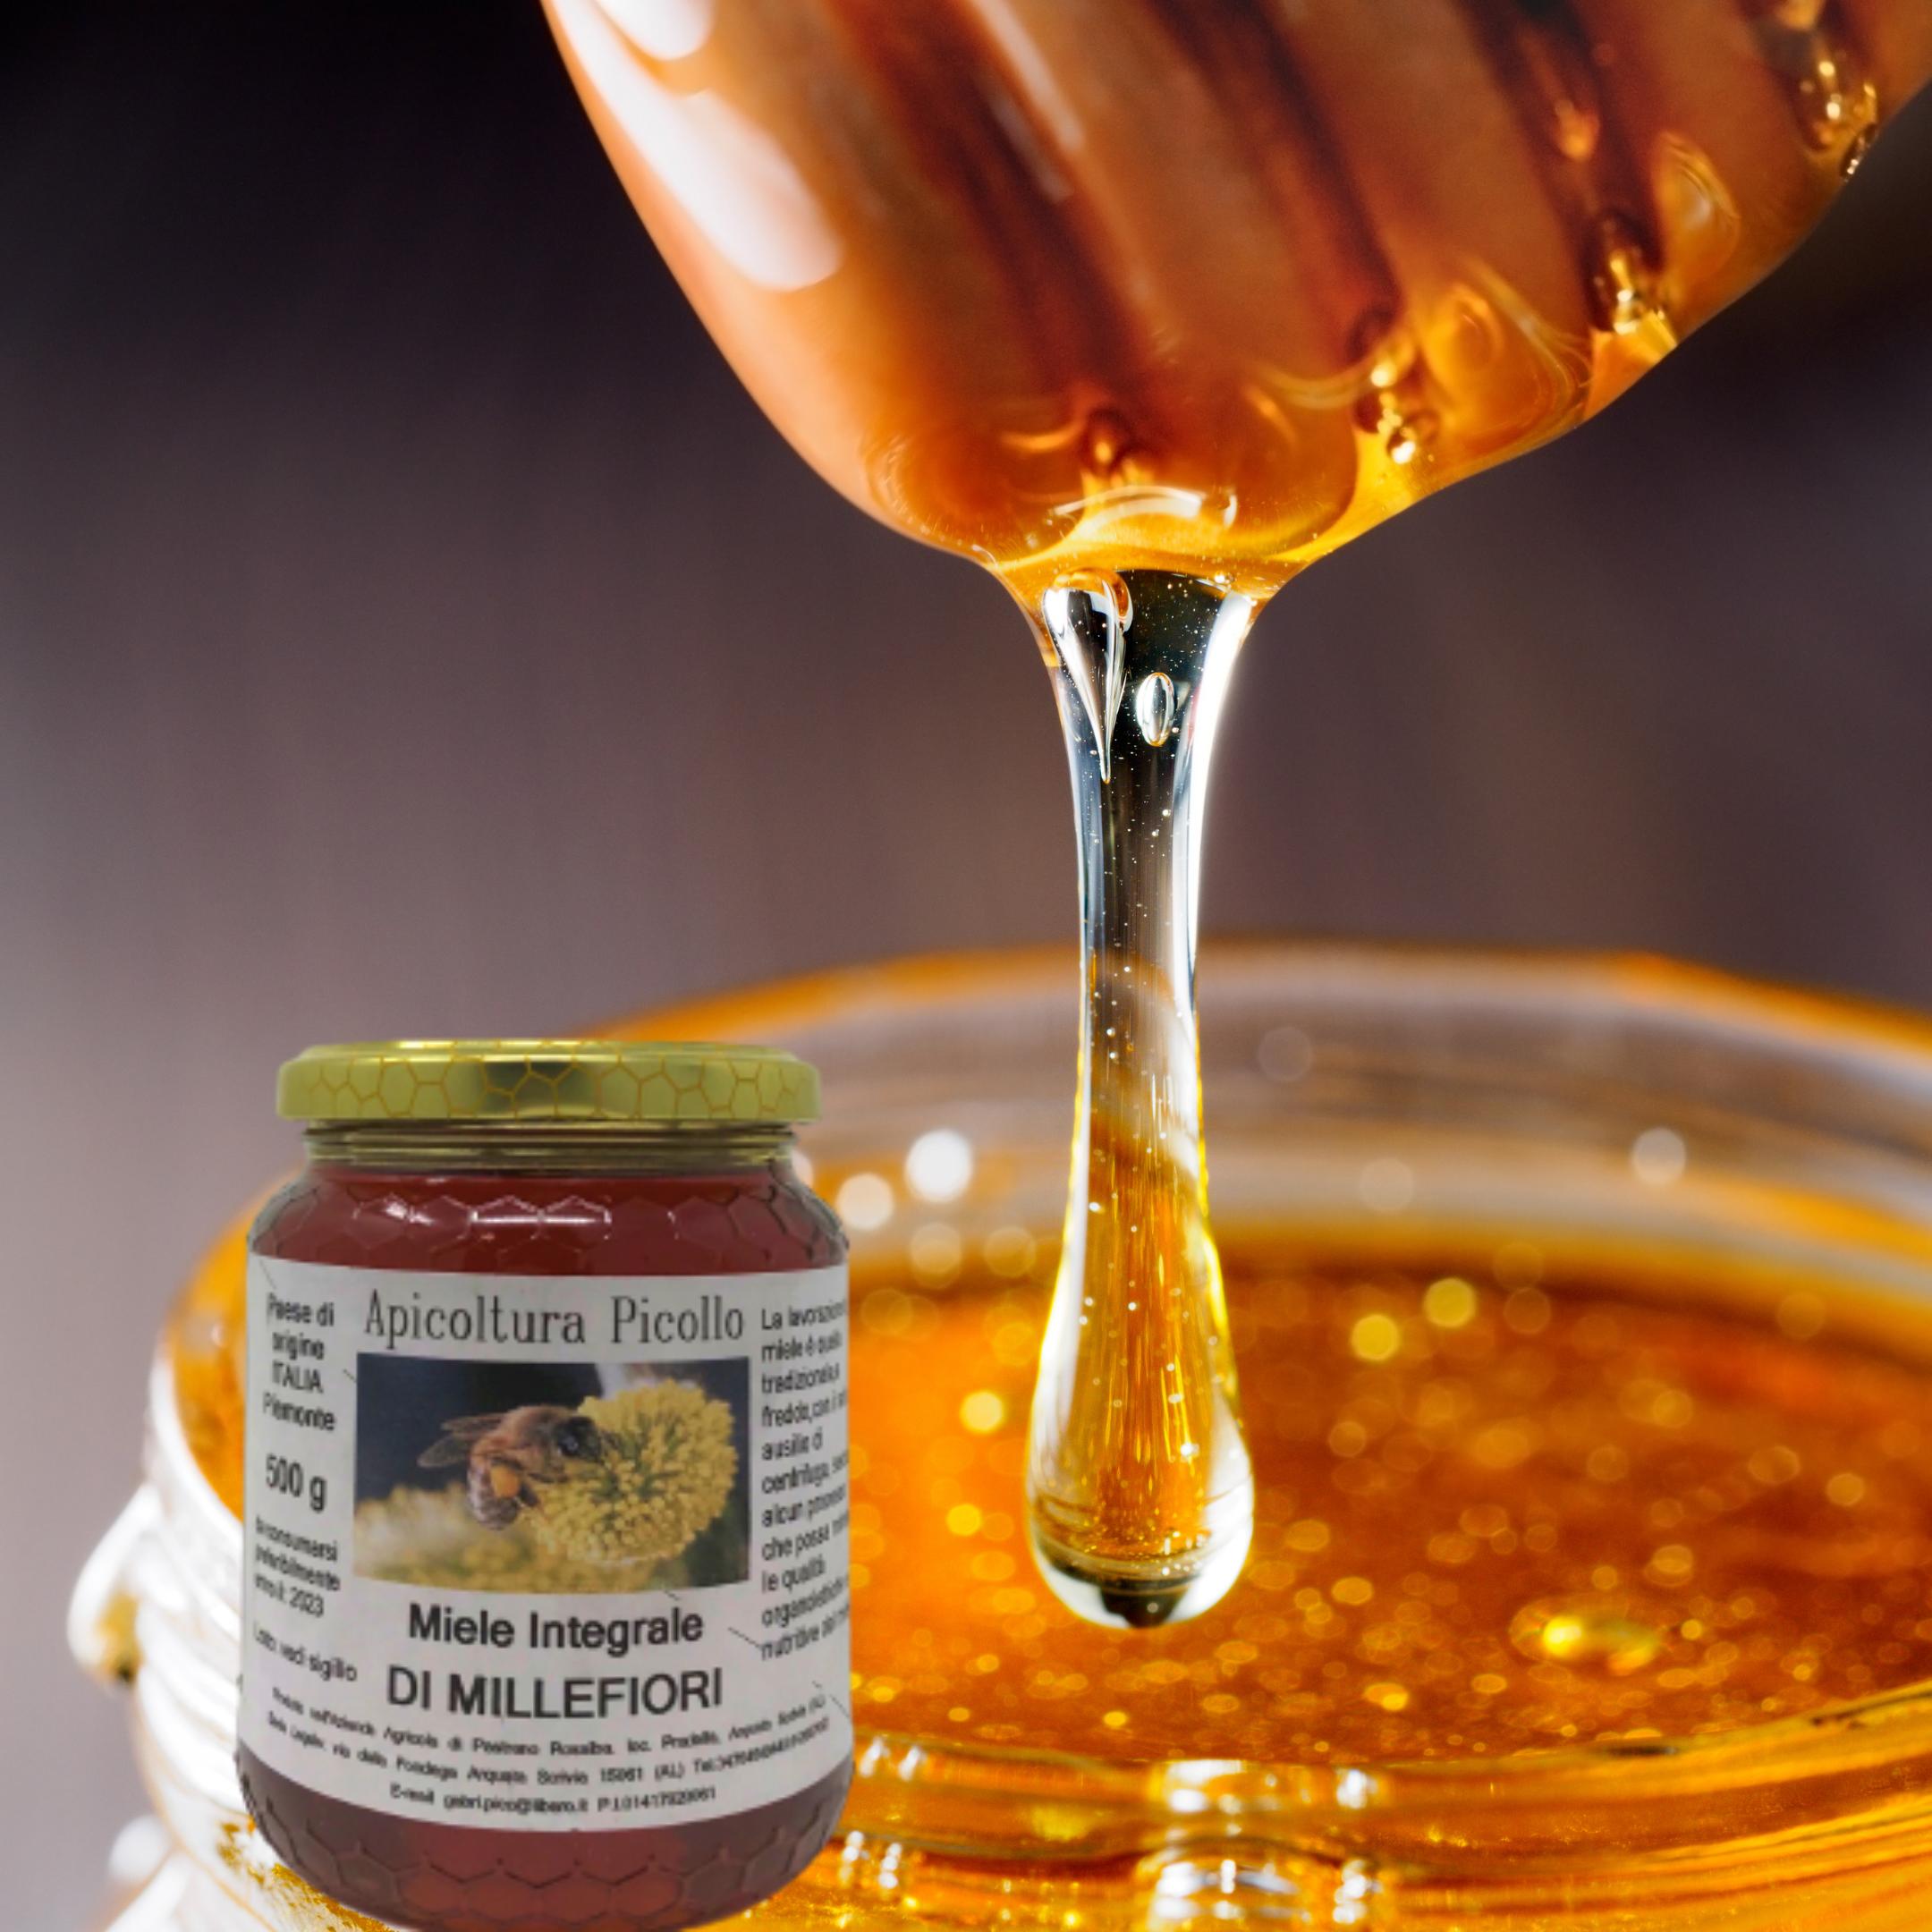 Miele integrale di millefiori 500 g